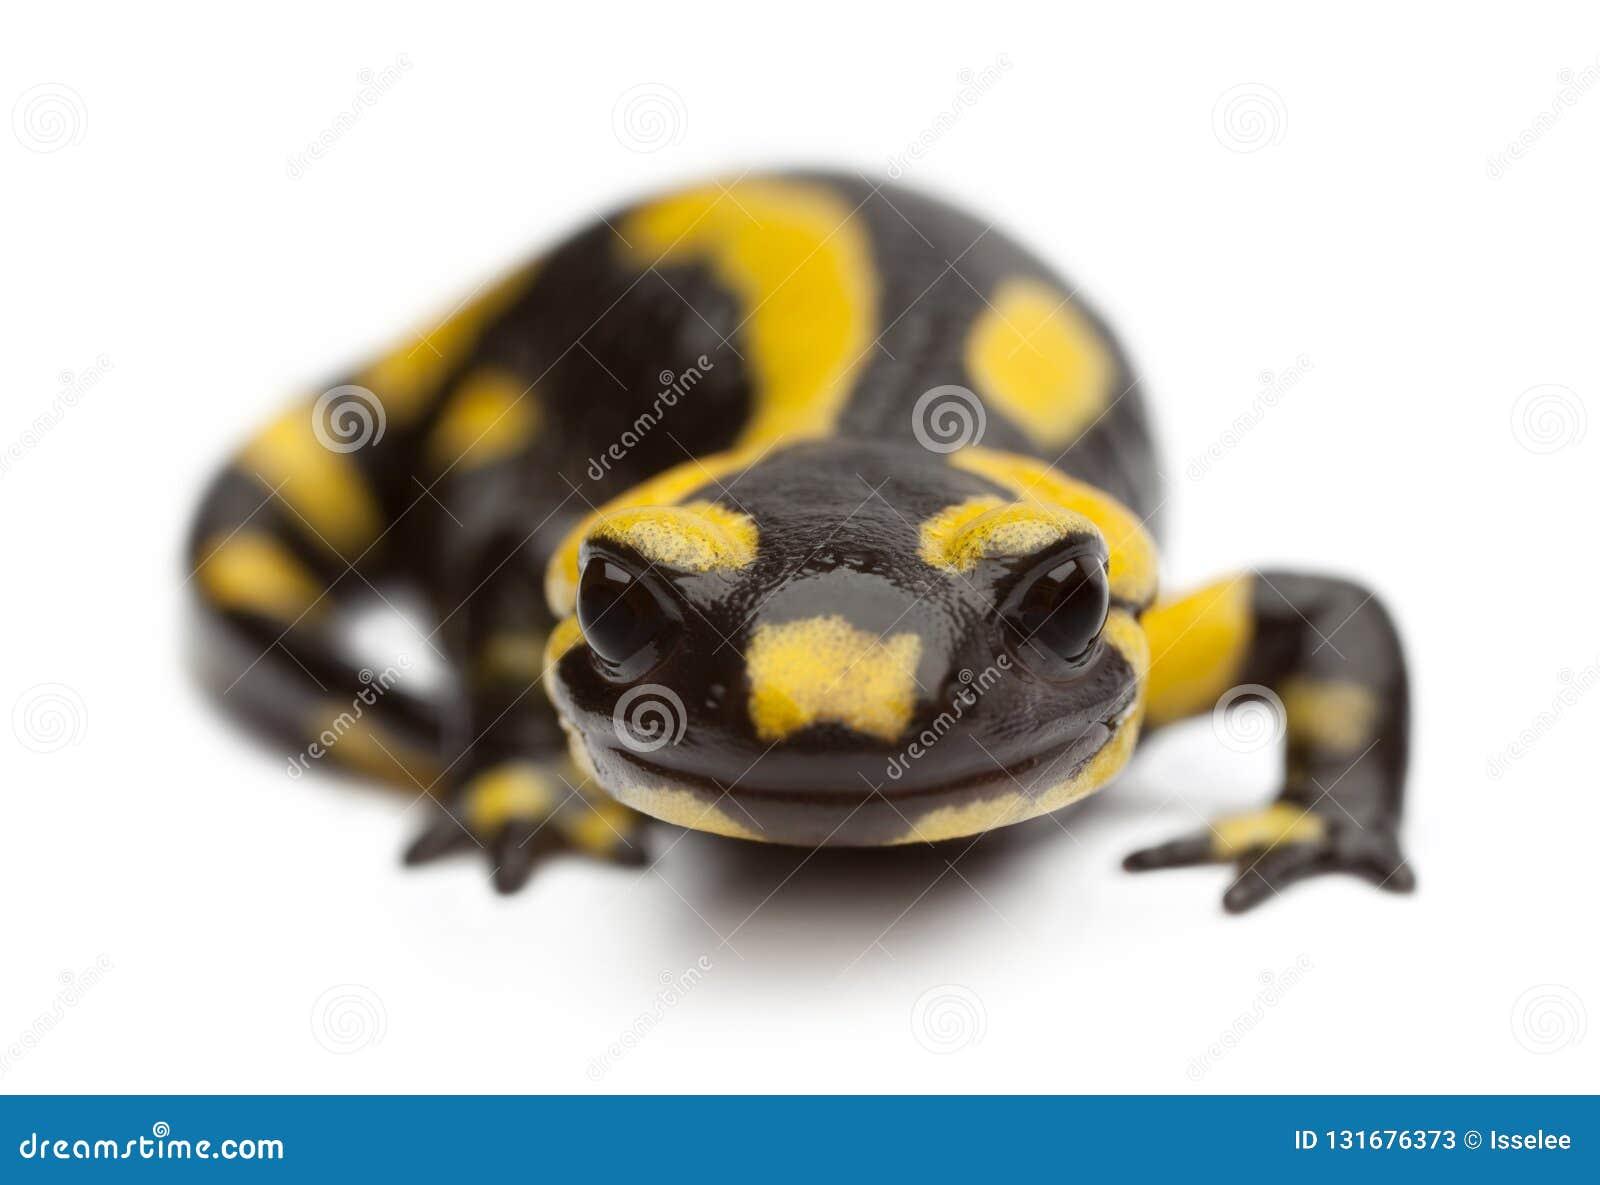 Fire salamander, Salamandra salamandra